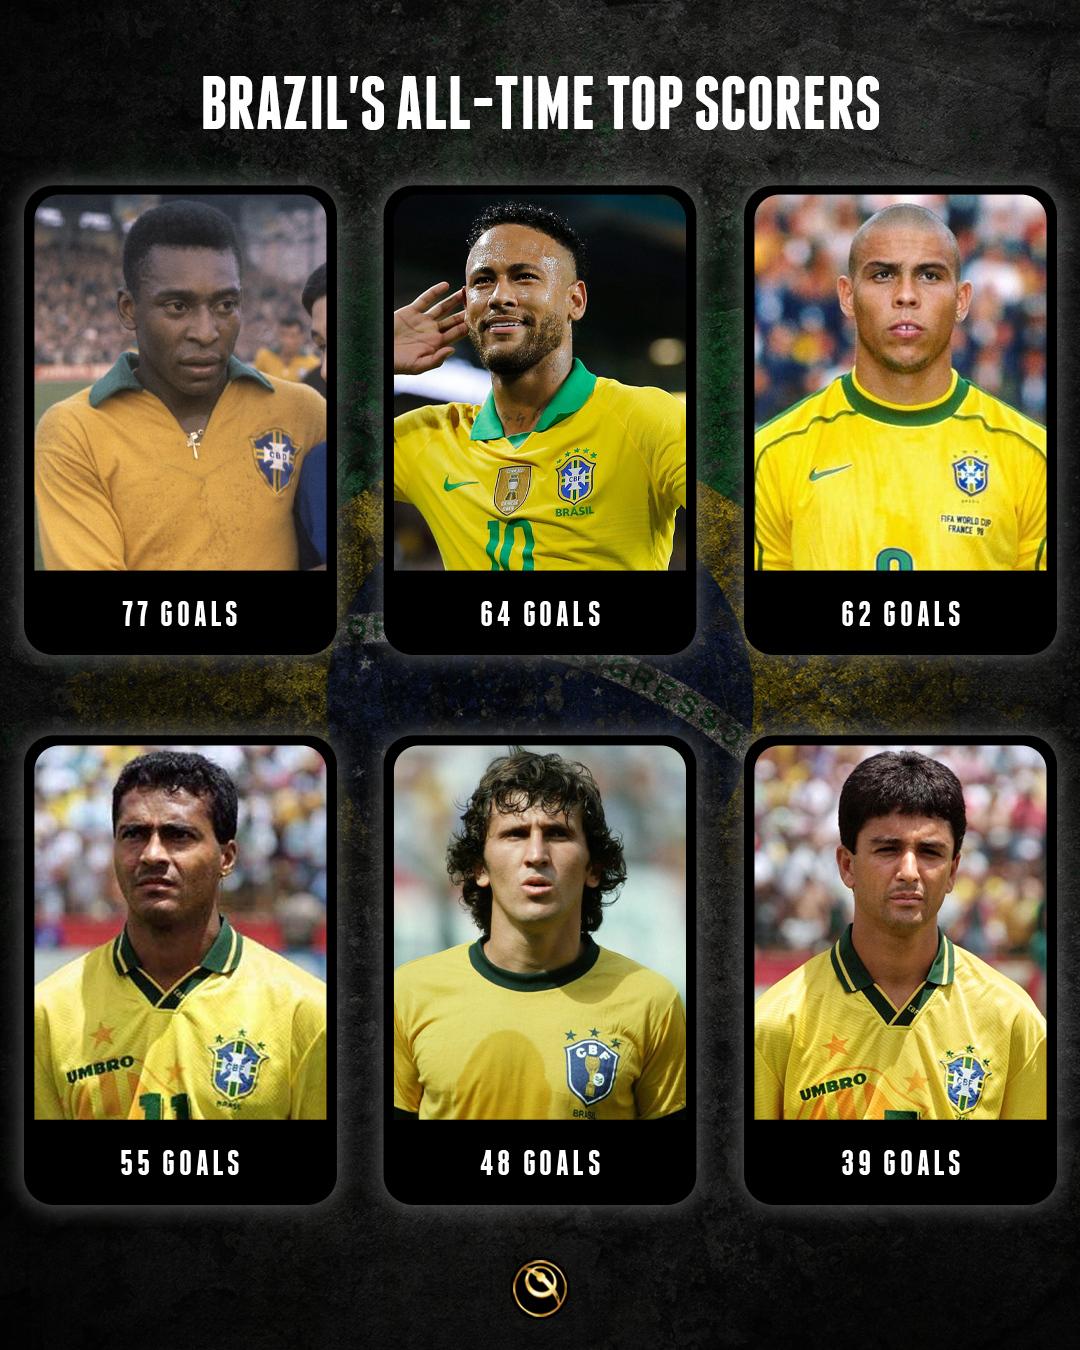 เนย์มาร์จะมีโอกาสสร้างประวัติศาสตร์ให้กับทีมชาติบราซิลในปี 2021